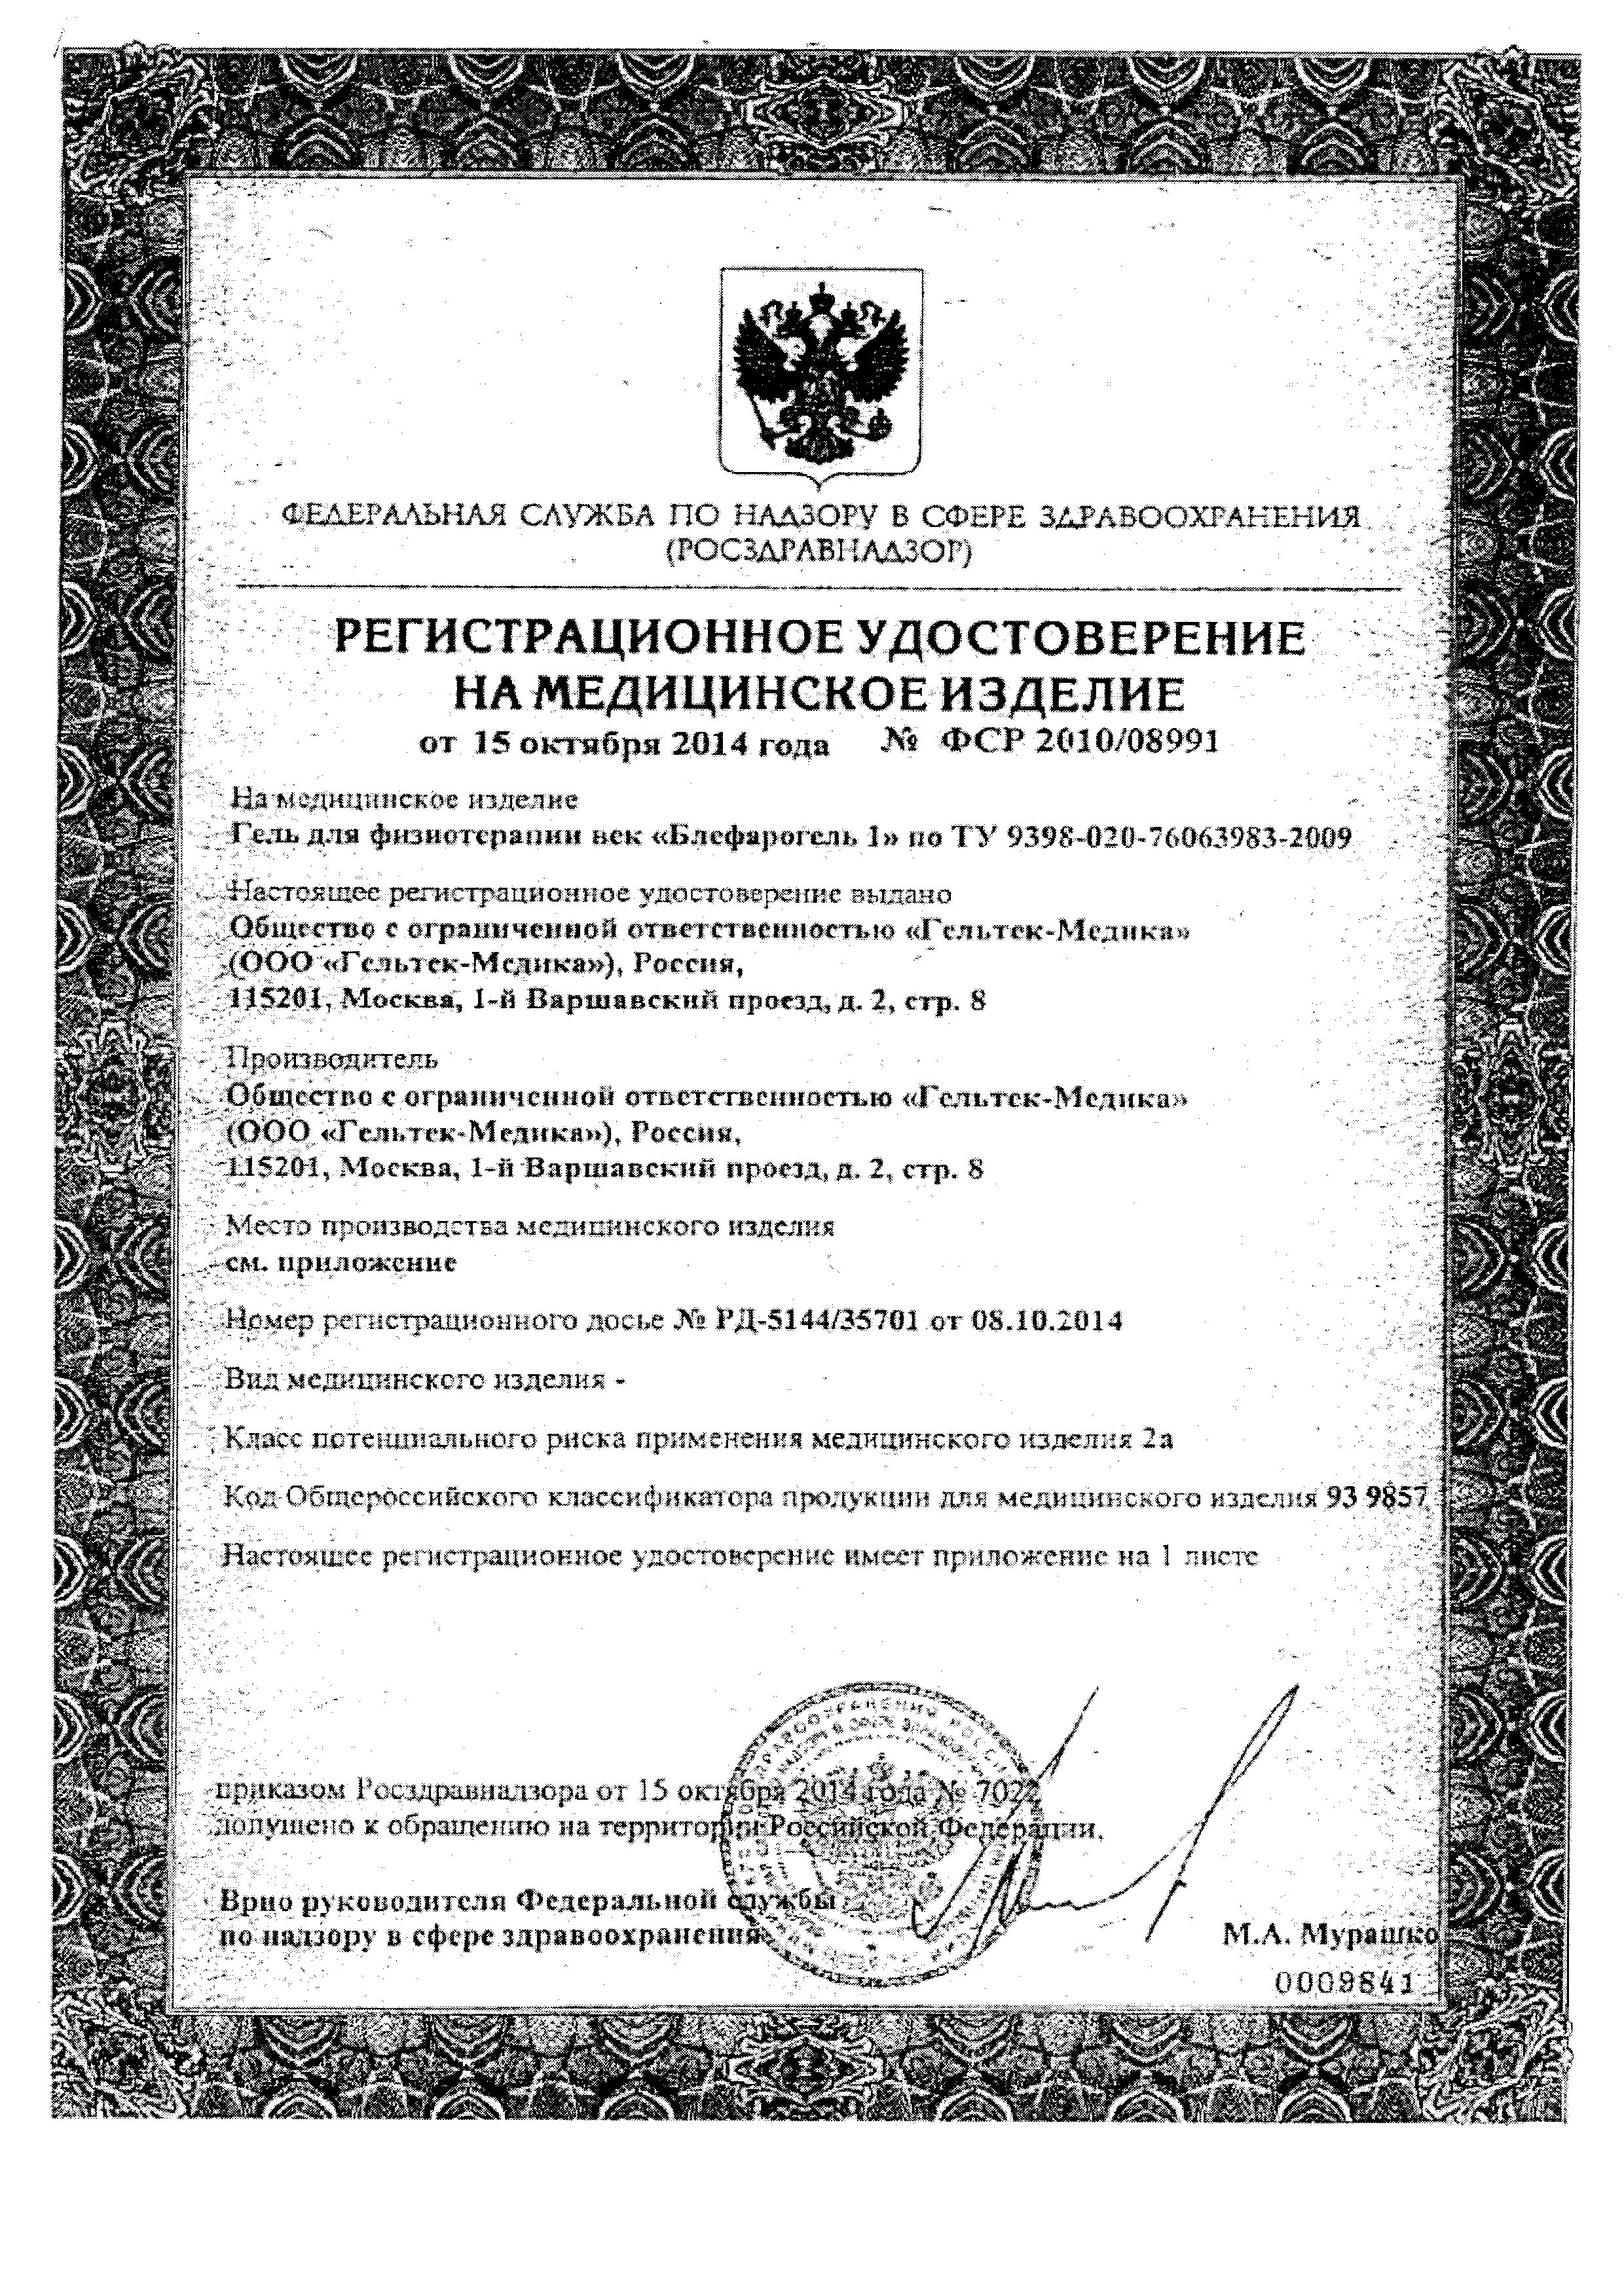 Блефарогель 1 гель для физиотерапии век сертификат